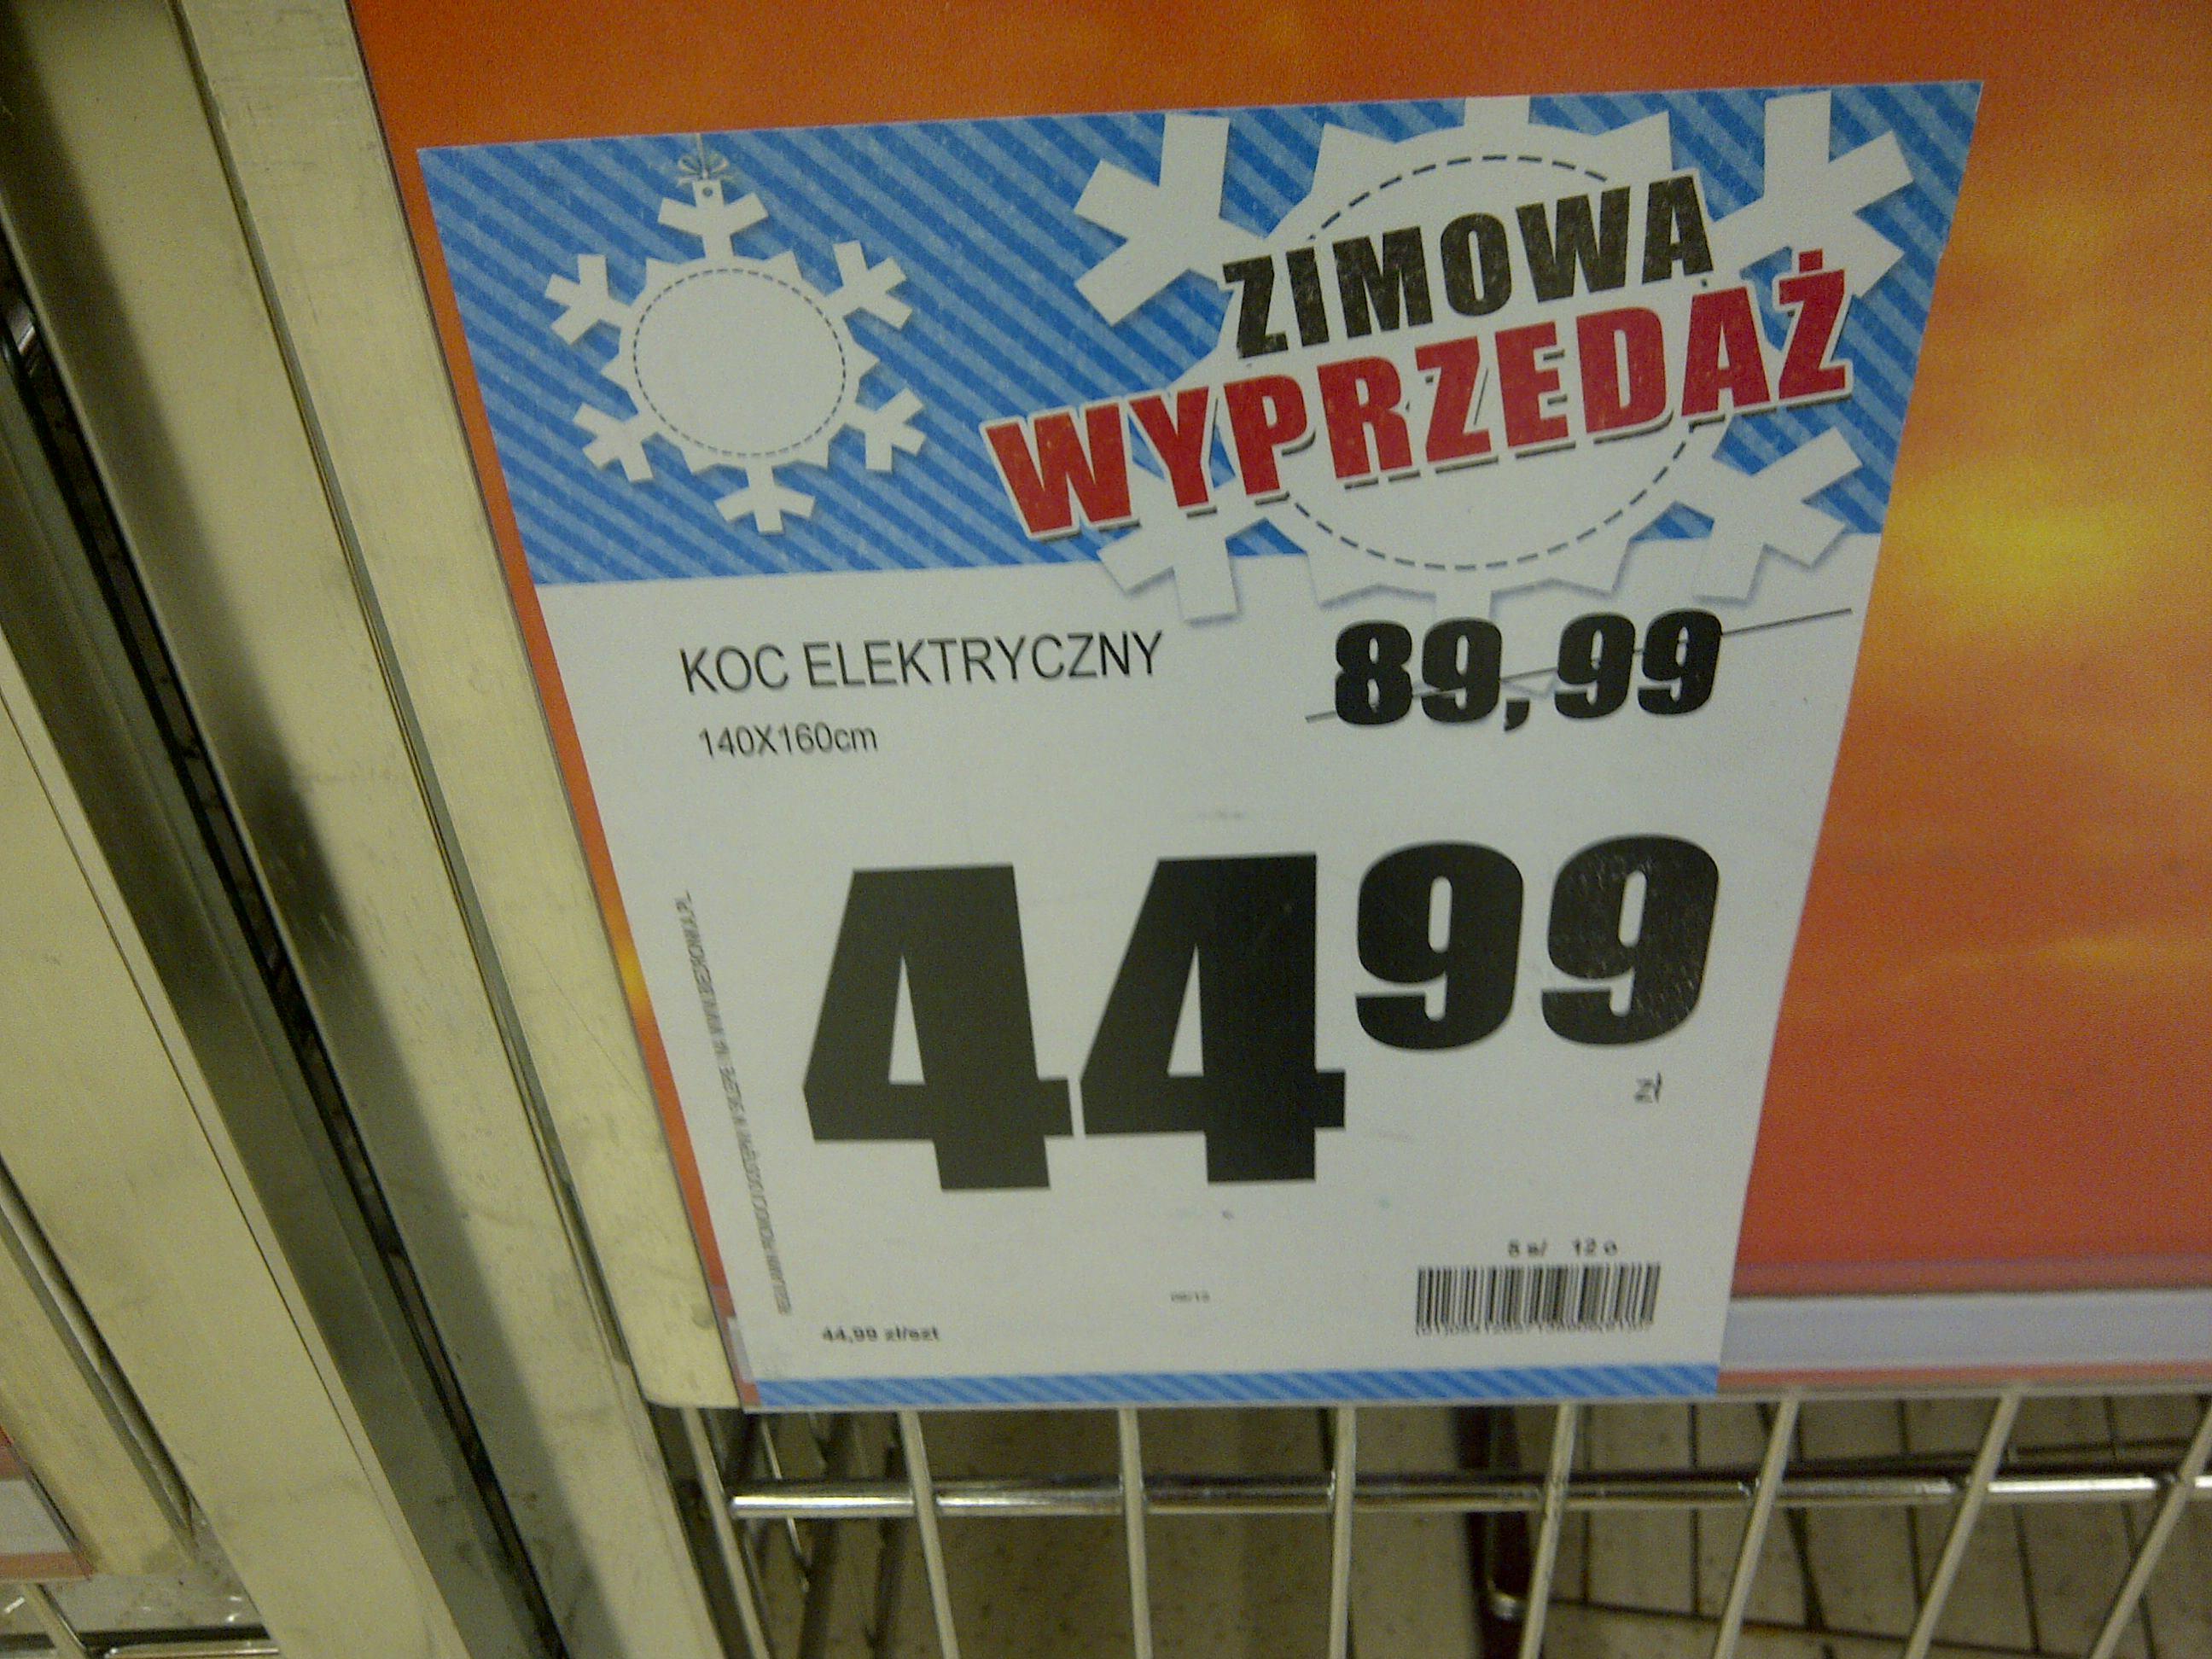 Koc elektryczny 50% taniej za 44,99 zł @ biedronka